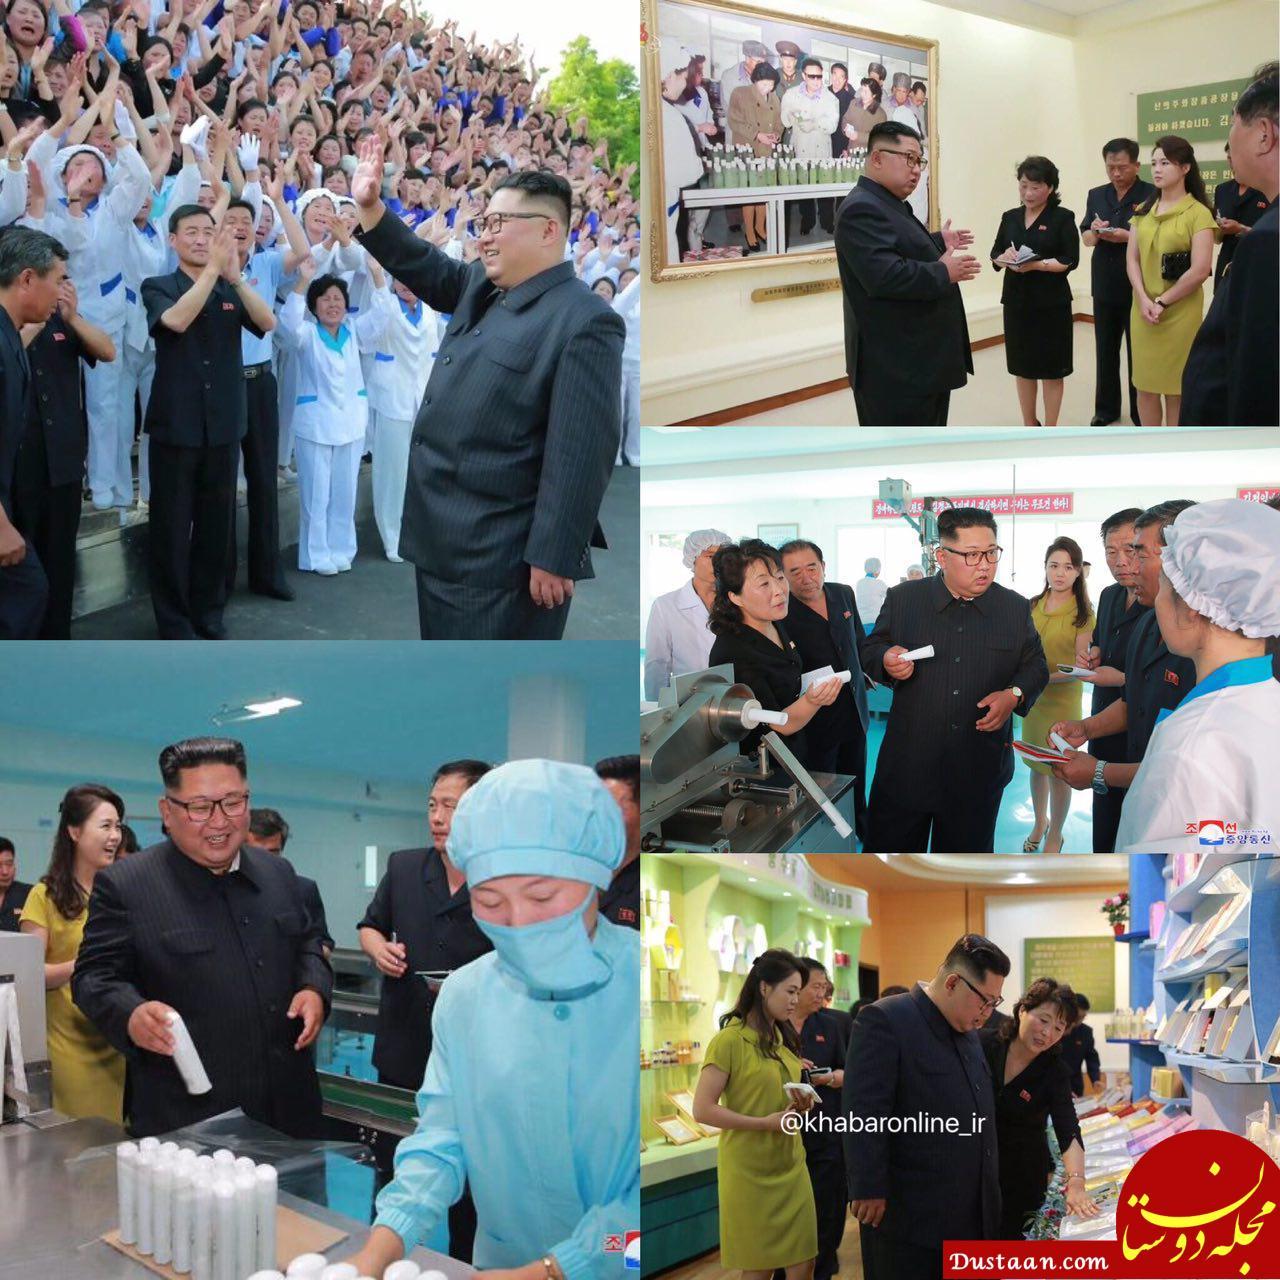 بازدید کیم جونگ اون و همسرش از کارخانه لوازم آرایشی +تصاویر